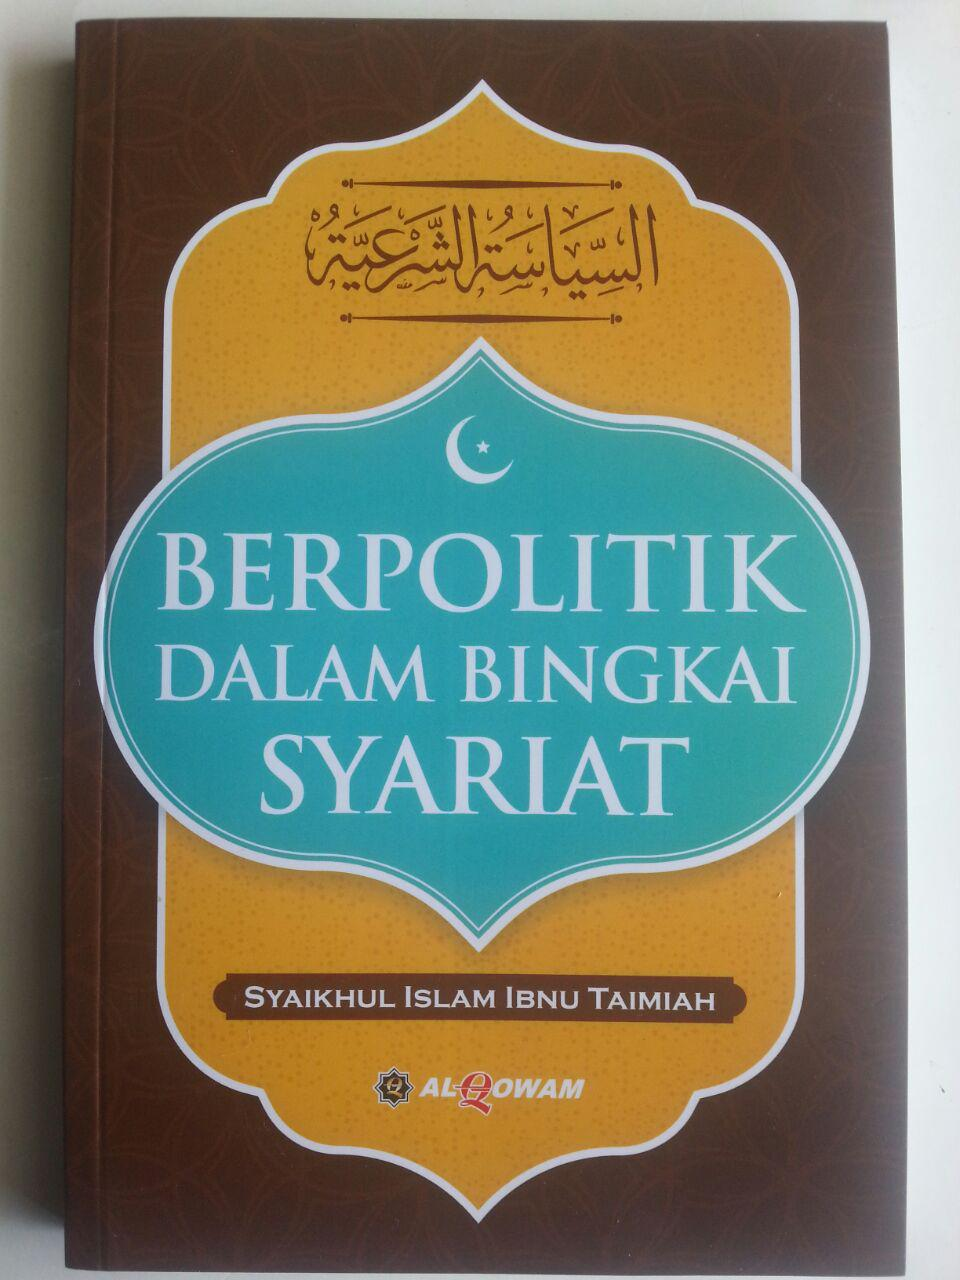 Buku Berpolitik Dalam Bingkai Syariat cover 2